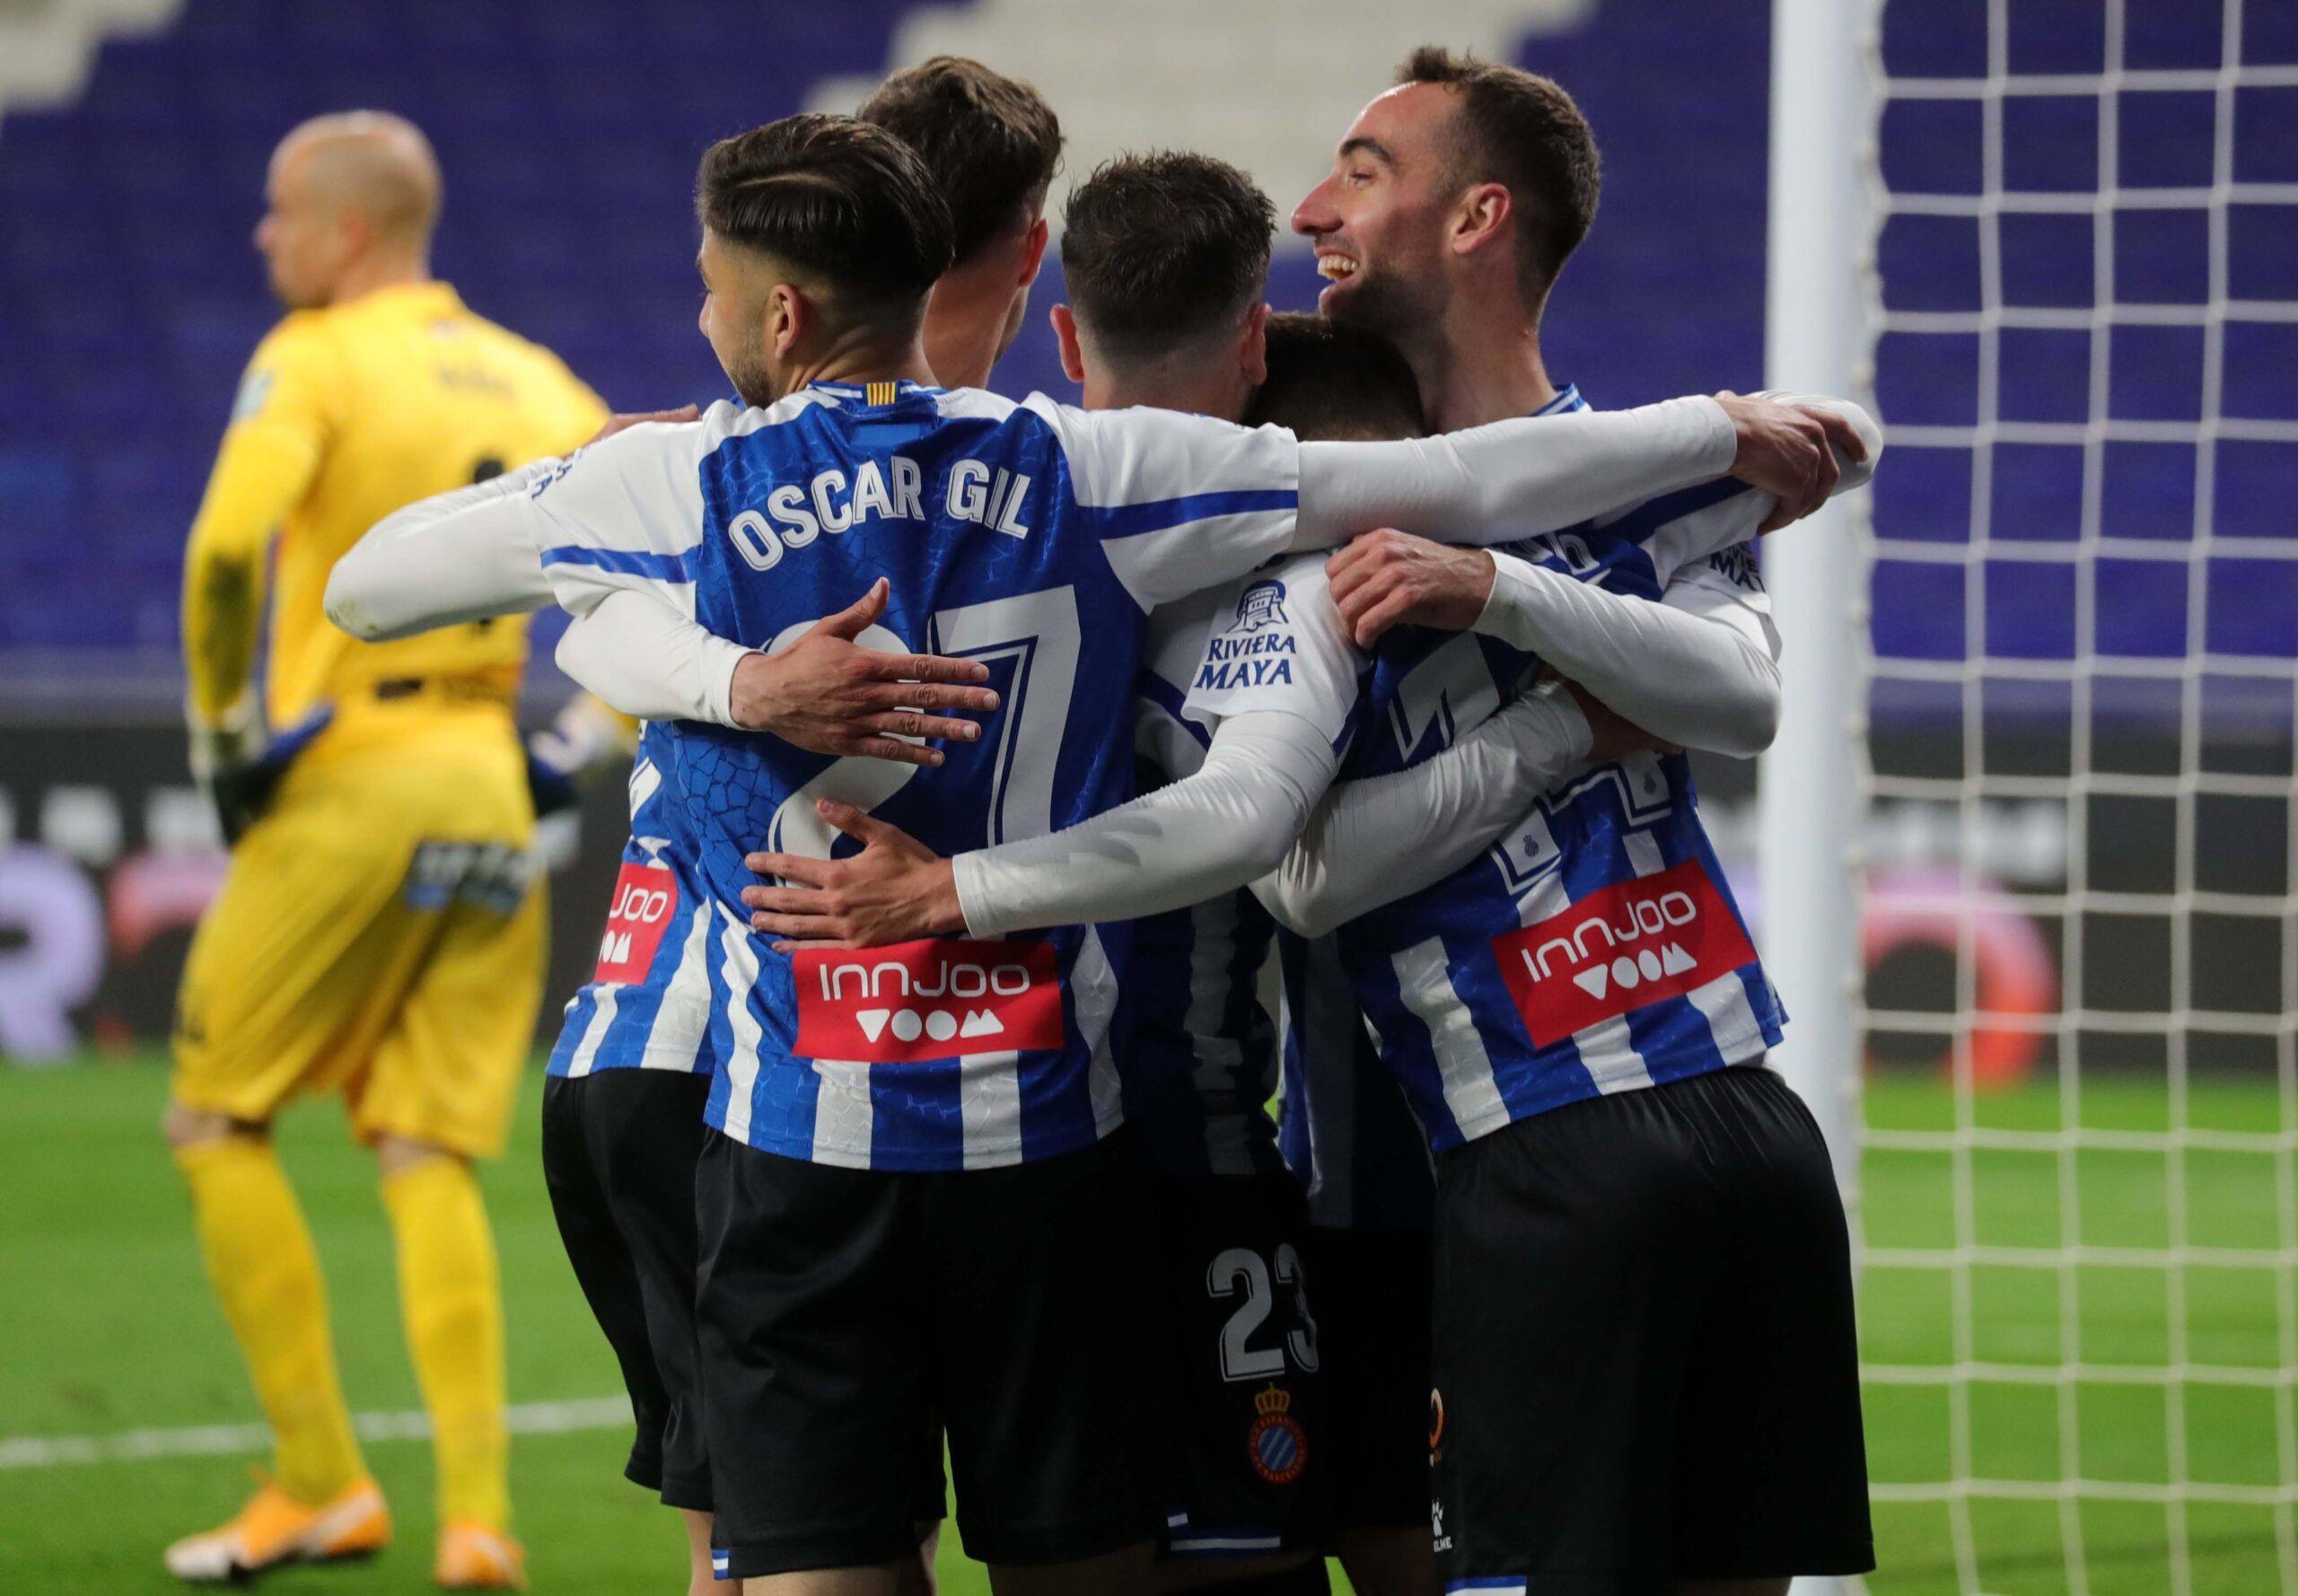 El Espanyol será de Primera si gana al Zaragoza la próxima jornada